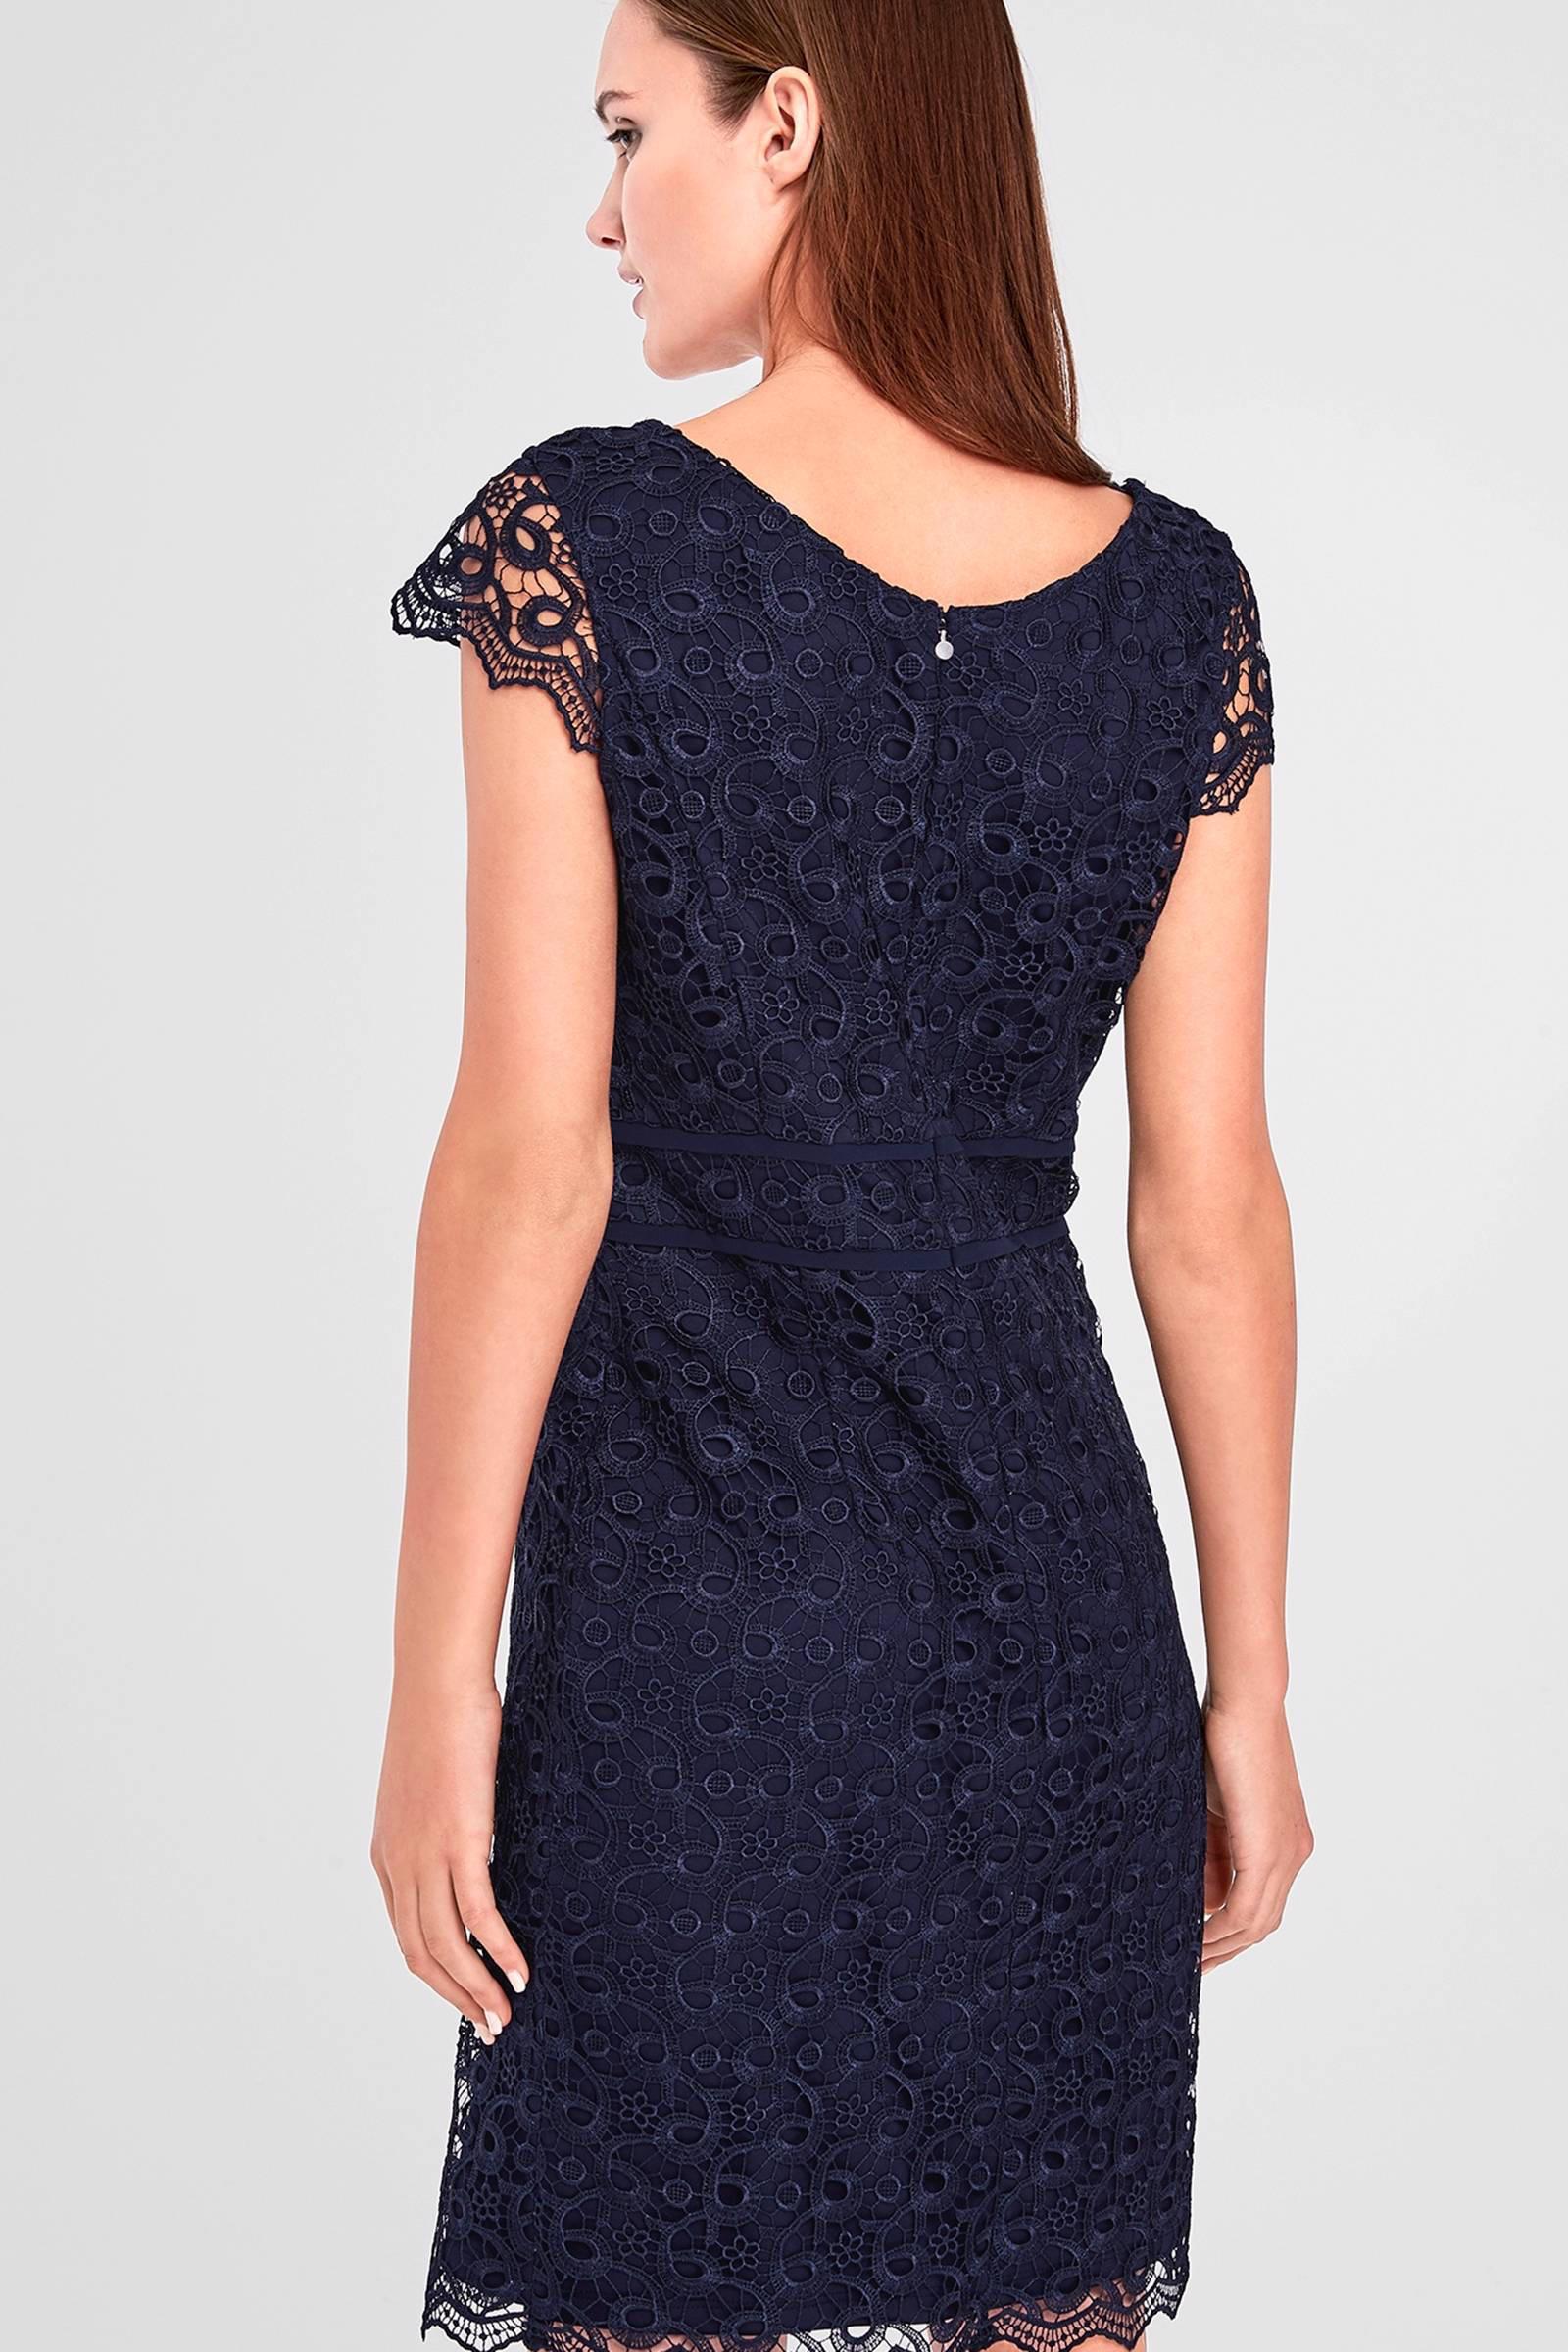 f3cca1133a14cd s.Oliver BLACK LABEL kanten jurk